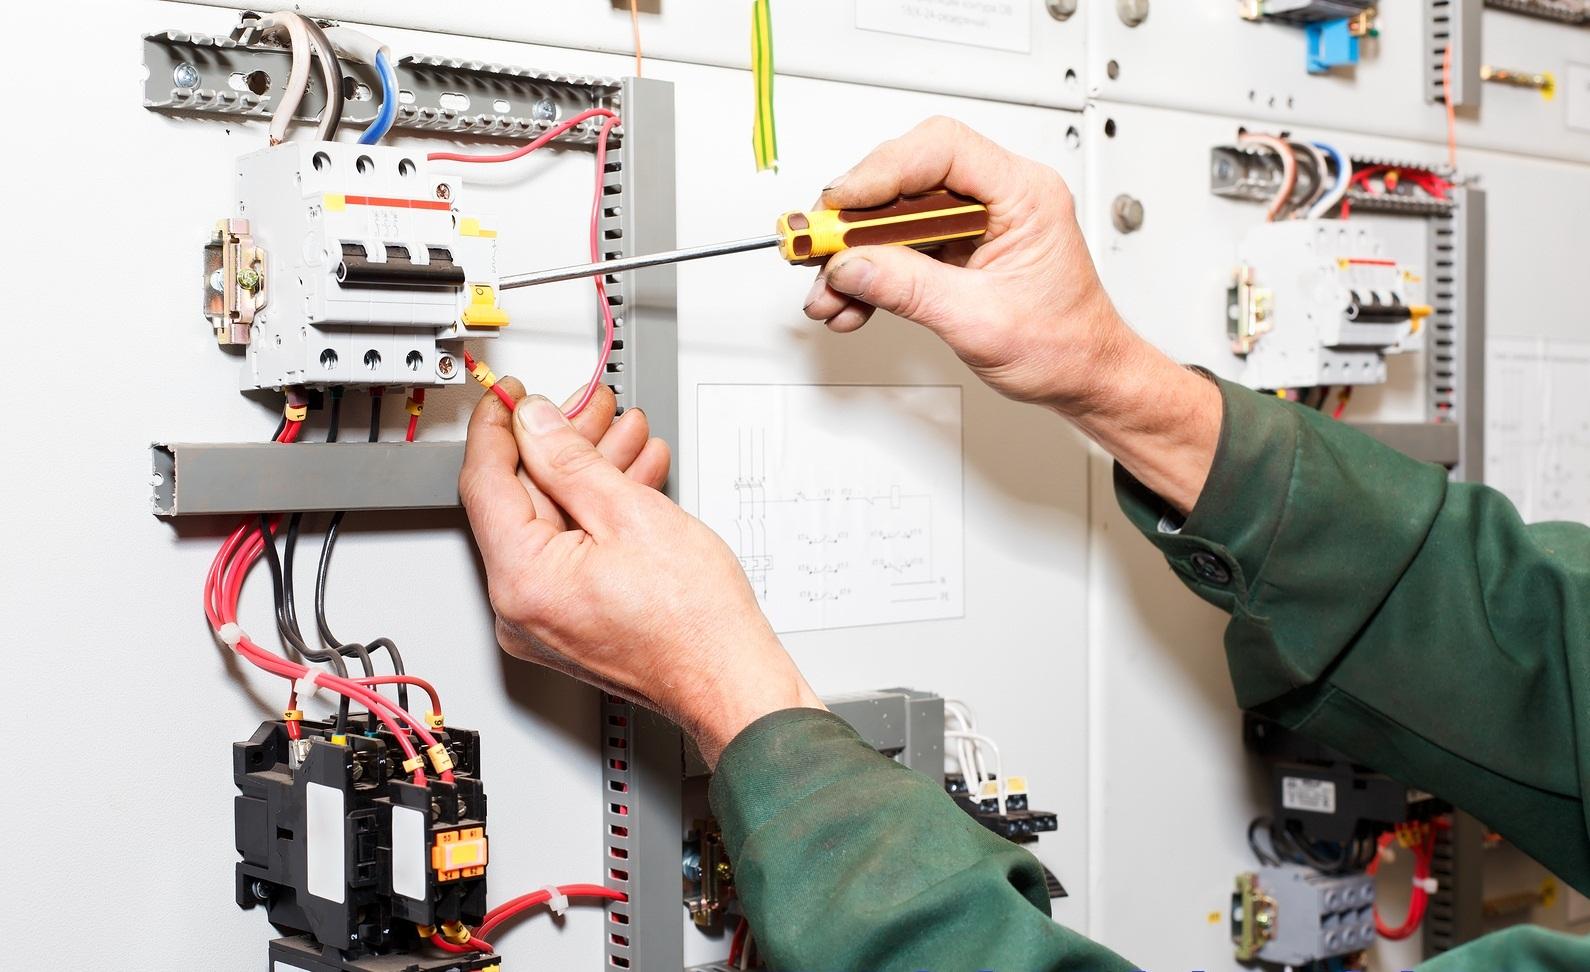 Thợ sửa điện dân dụng tại nhà